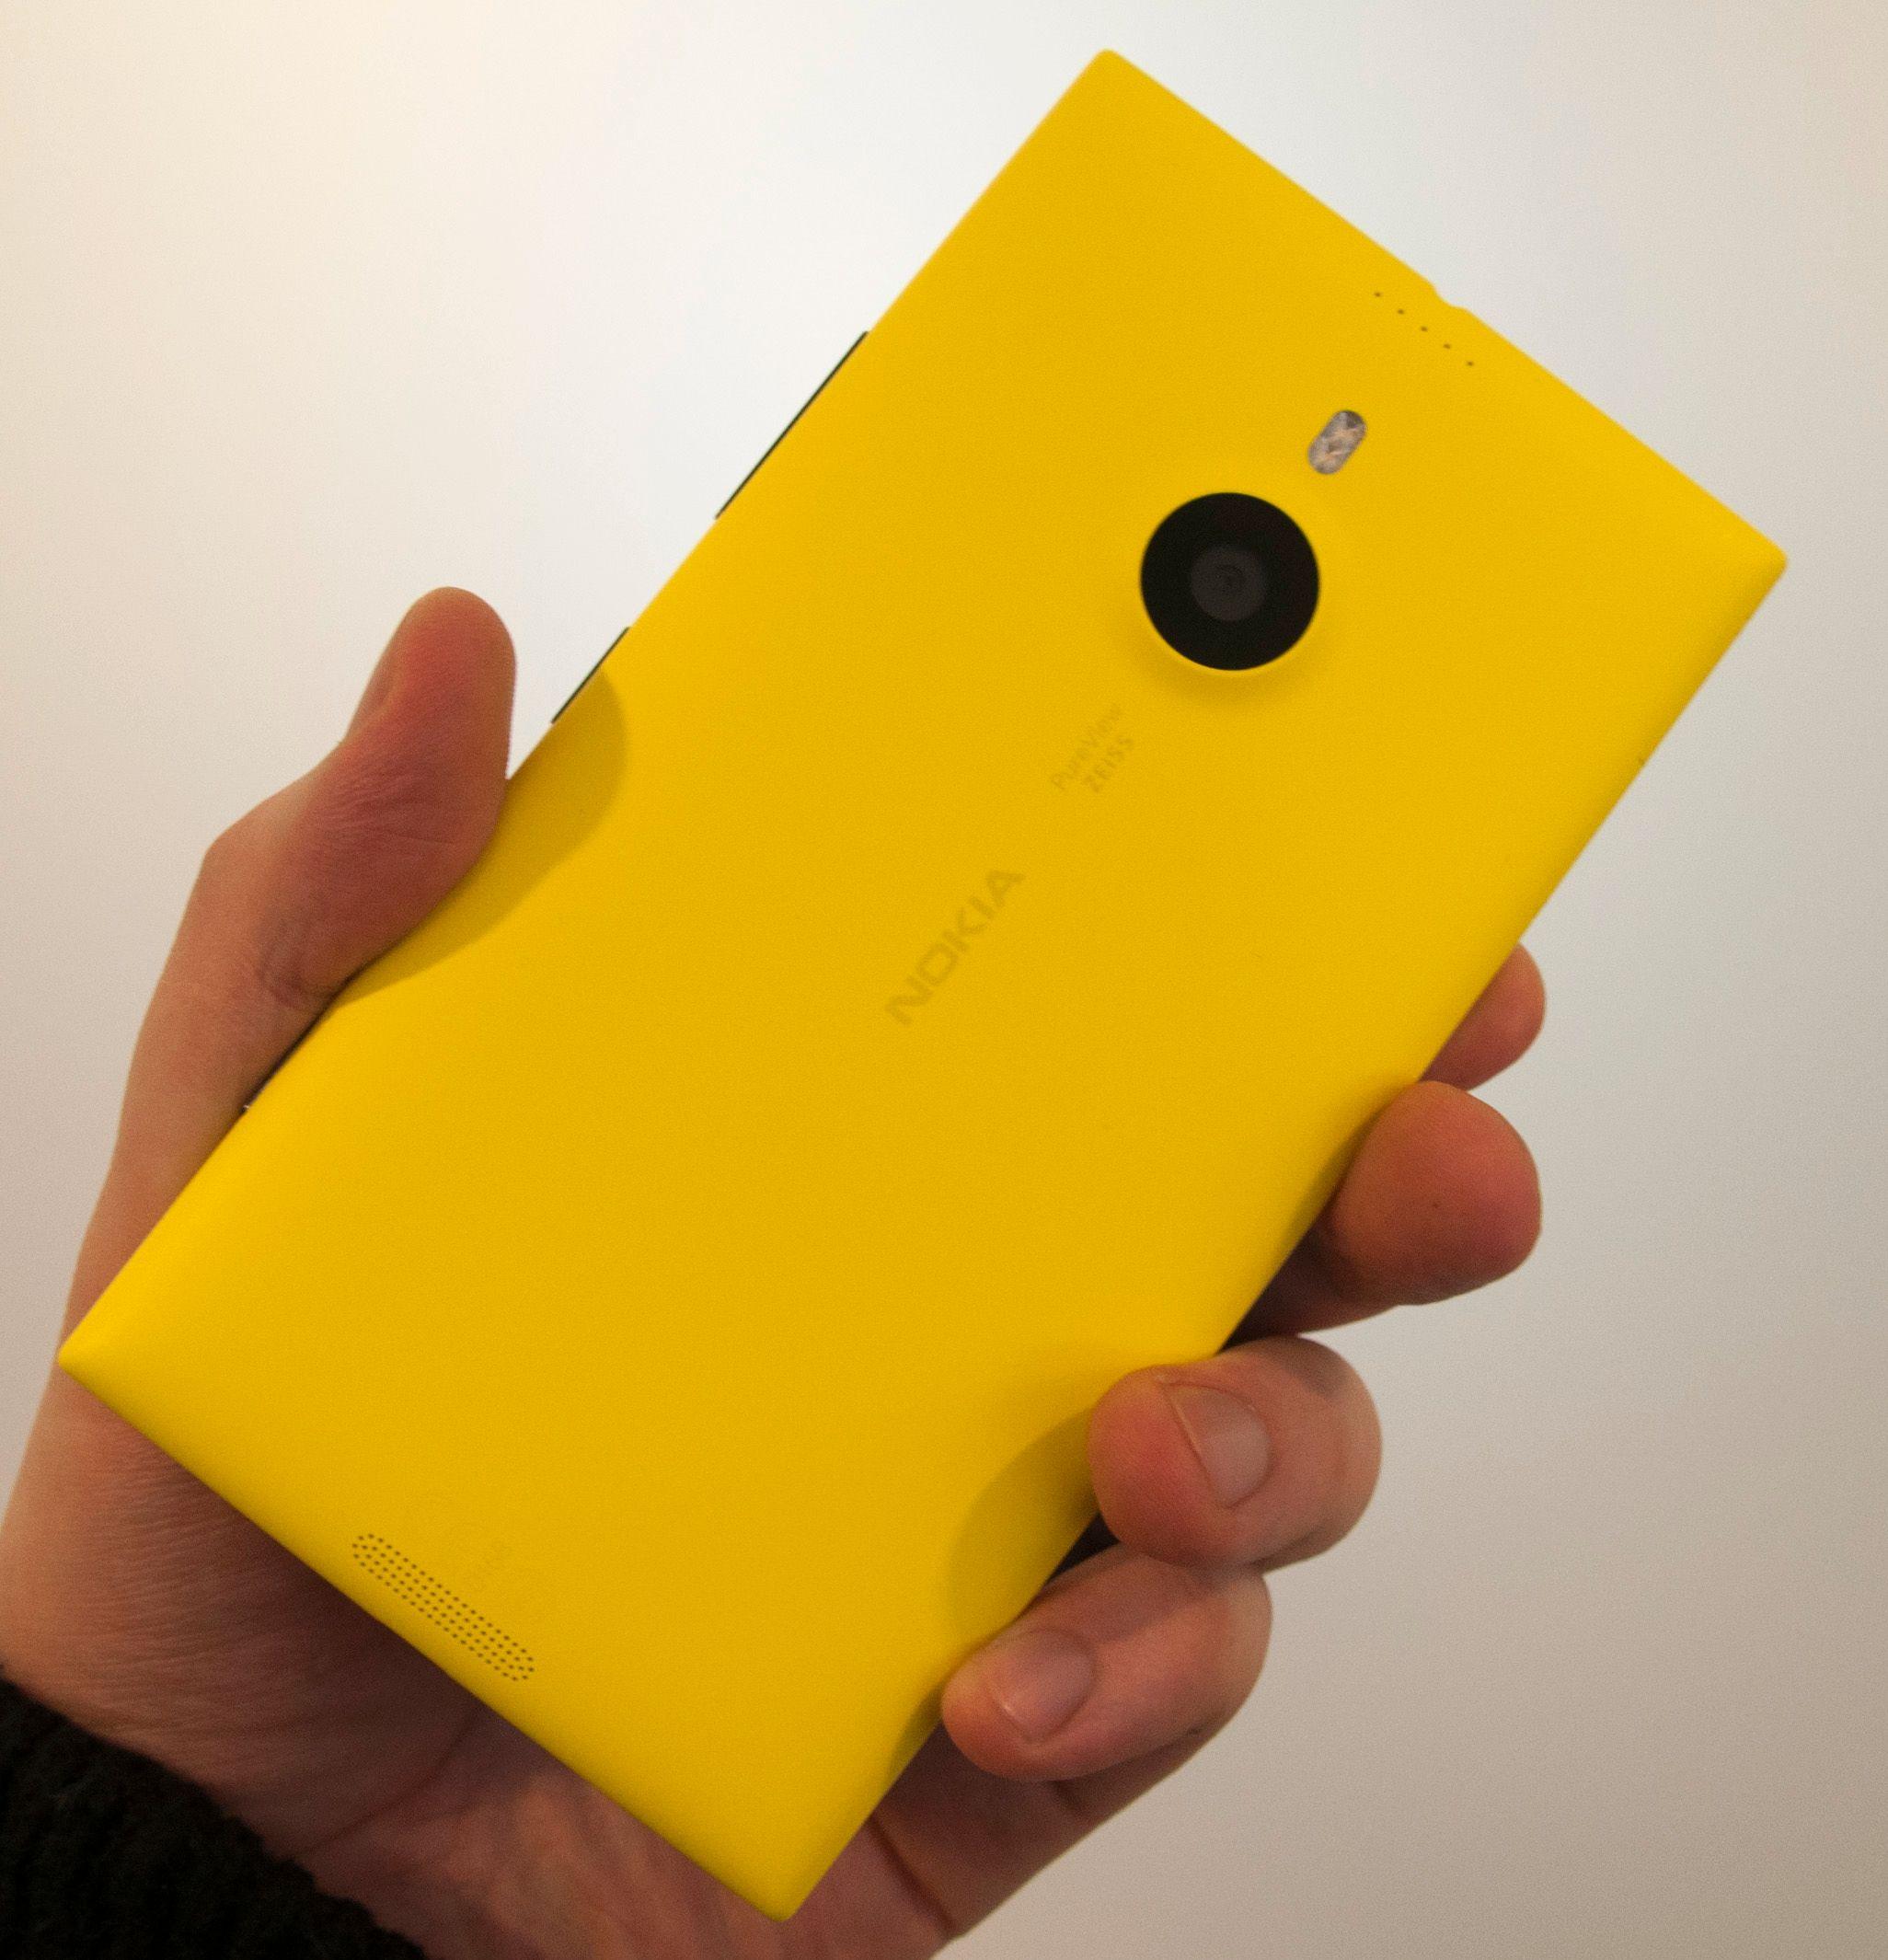 Baksiden av Lumia 1520 prydes av det som sannsynligvis er det beste kameraet i noen brettmobil.Foto: Finn Jarle Kvalheim, Amobil.no